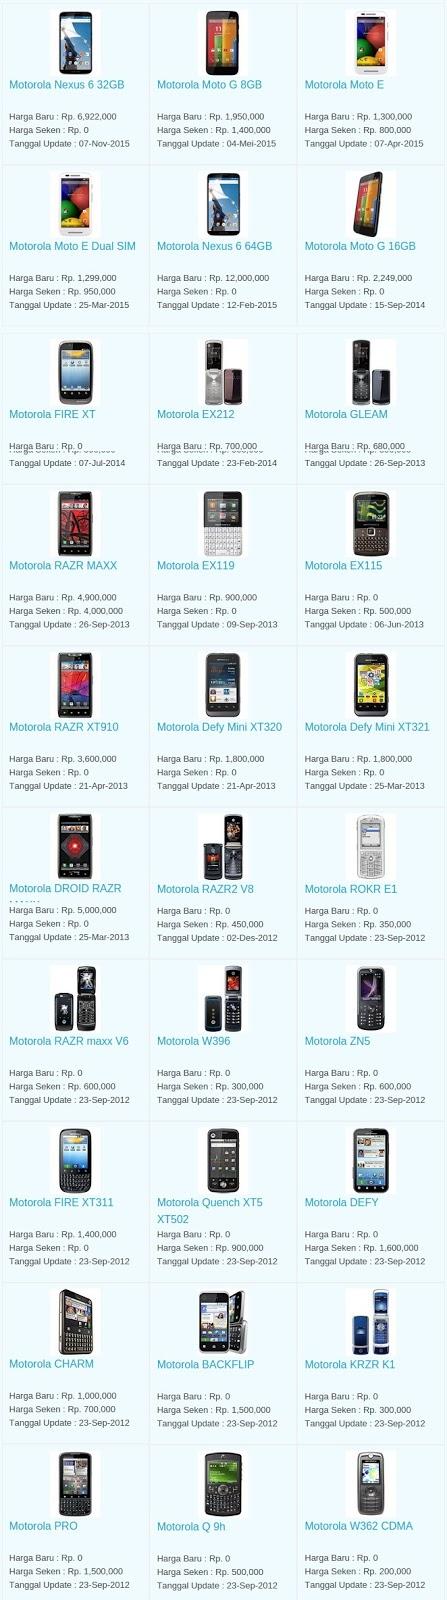 Daftar Harga Hp Motorola Januari 2016